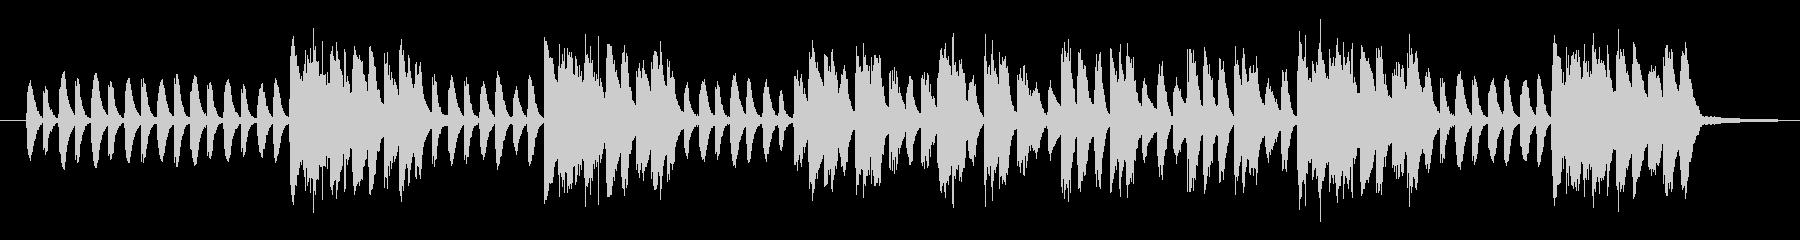 軽快なリズムでなめらかに上昇するピアノの未再生の波形